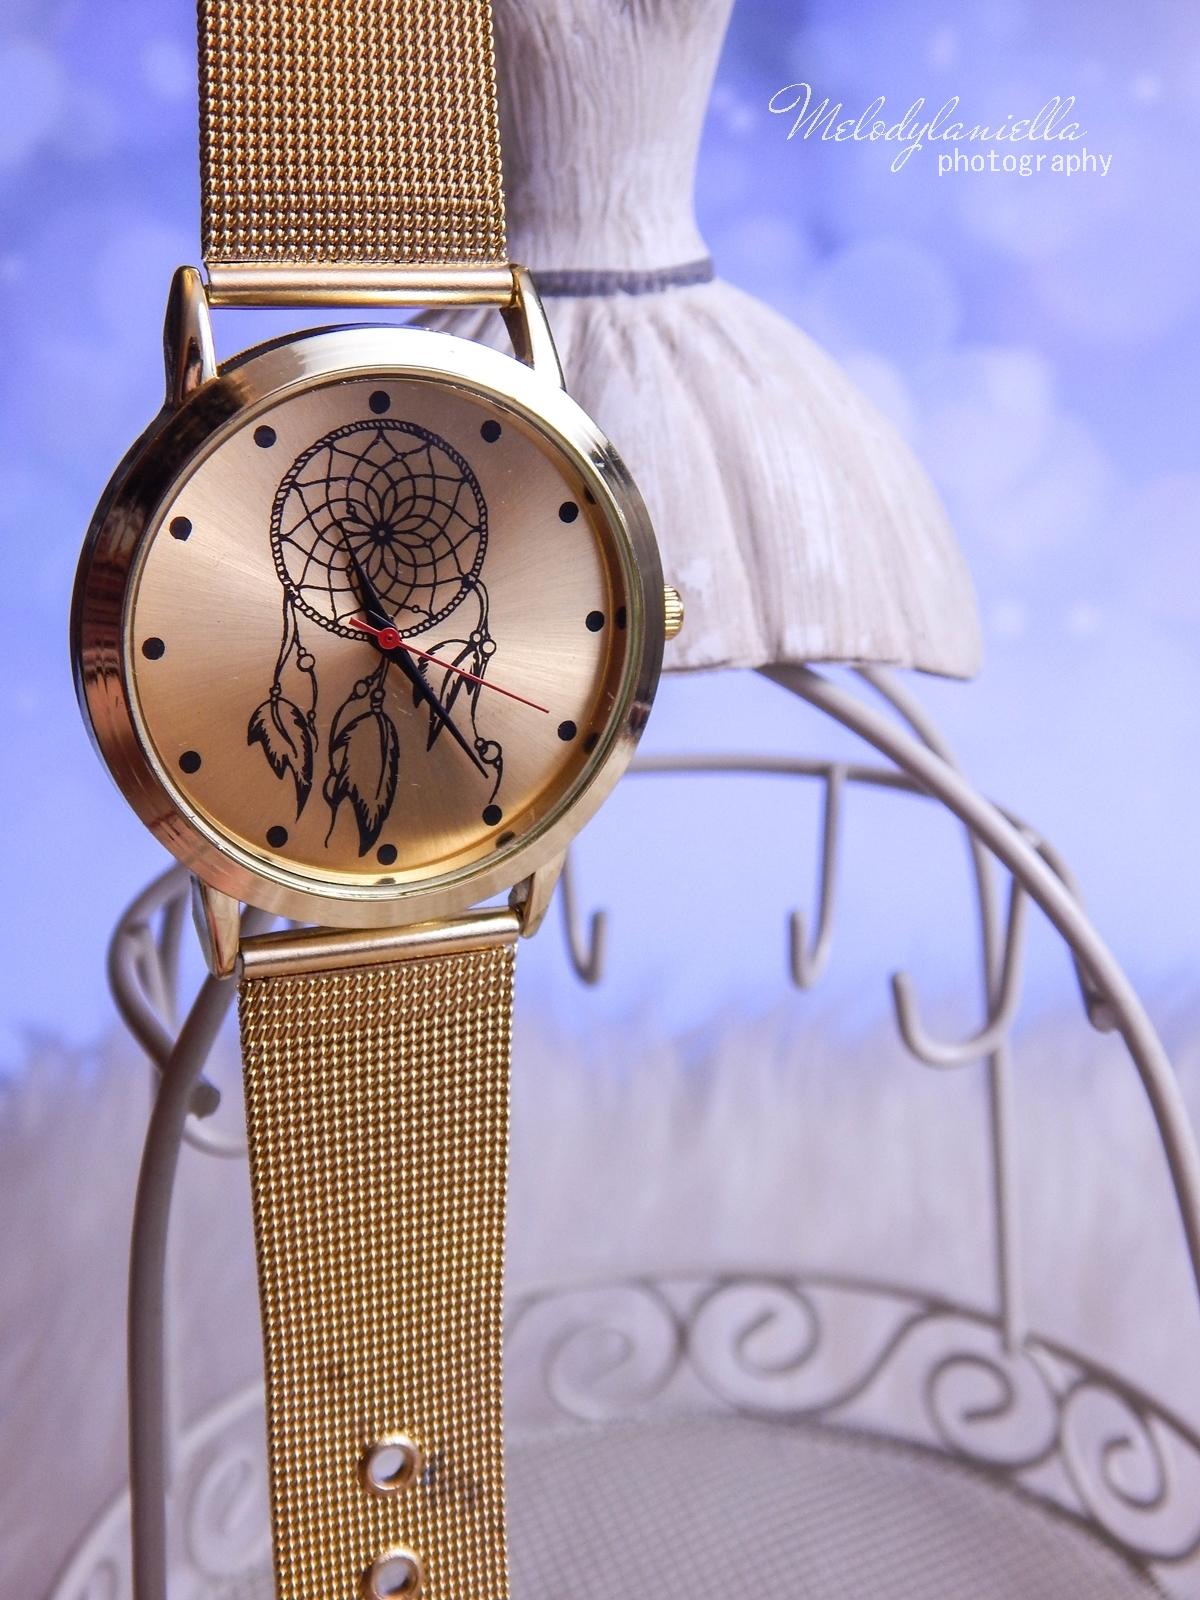 20 Biżuteria z chińskich sklepów sammydress kolczyk nausznica naszyjnik wisiorki z kryształkiem świąteczna biżuteria ciekawe dodatki stylowe zegarki pióra choker chokery złoty srebrny złoto srebro obelisk